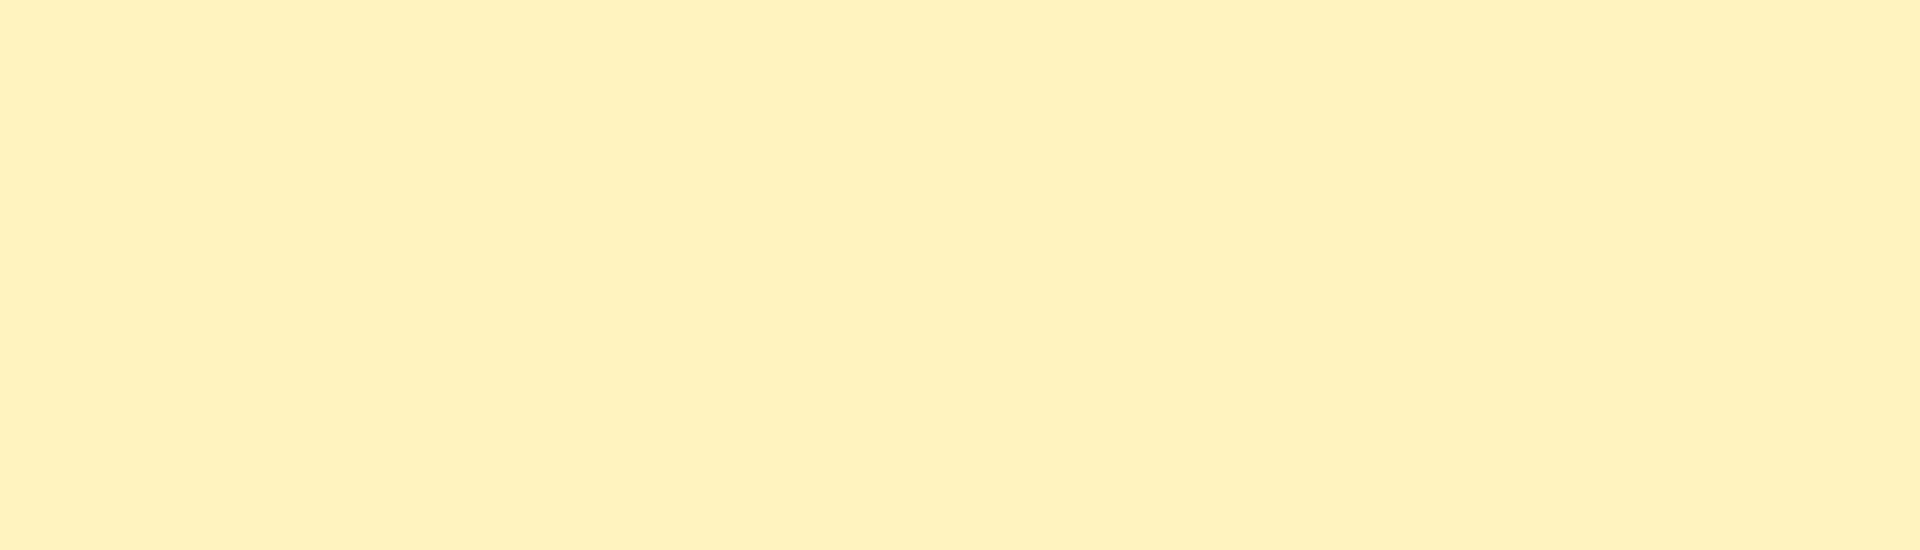 Alle aktuellen Angebote 04/2020 - Slider